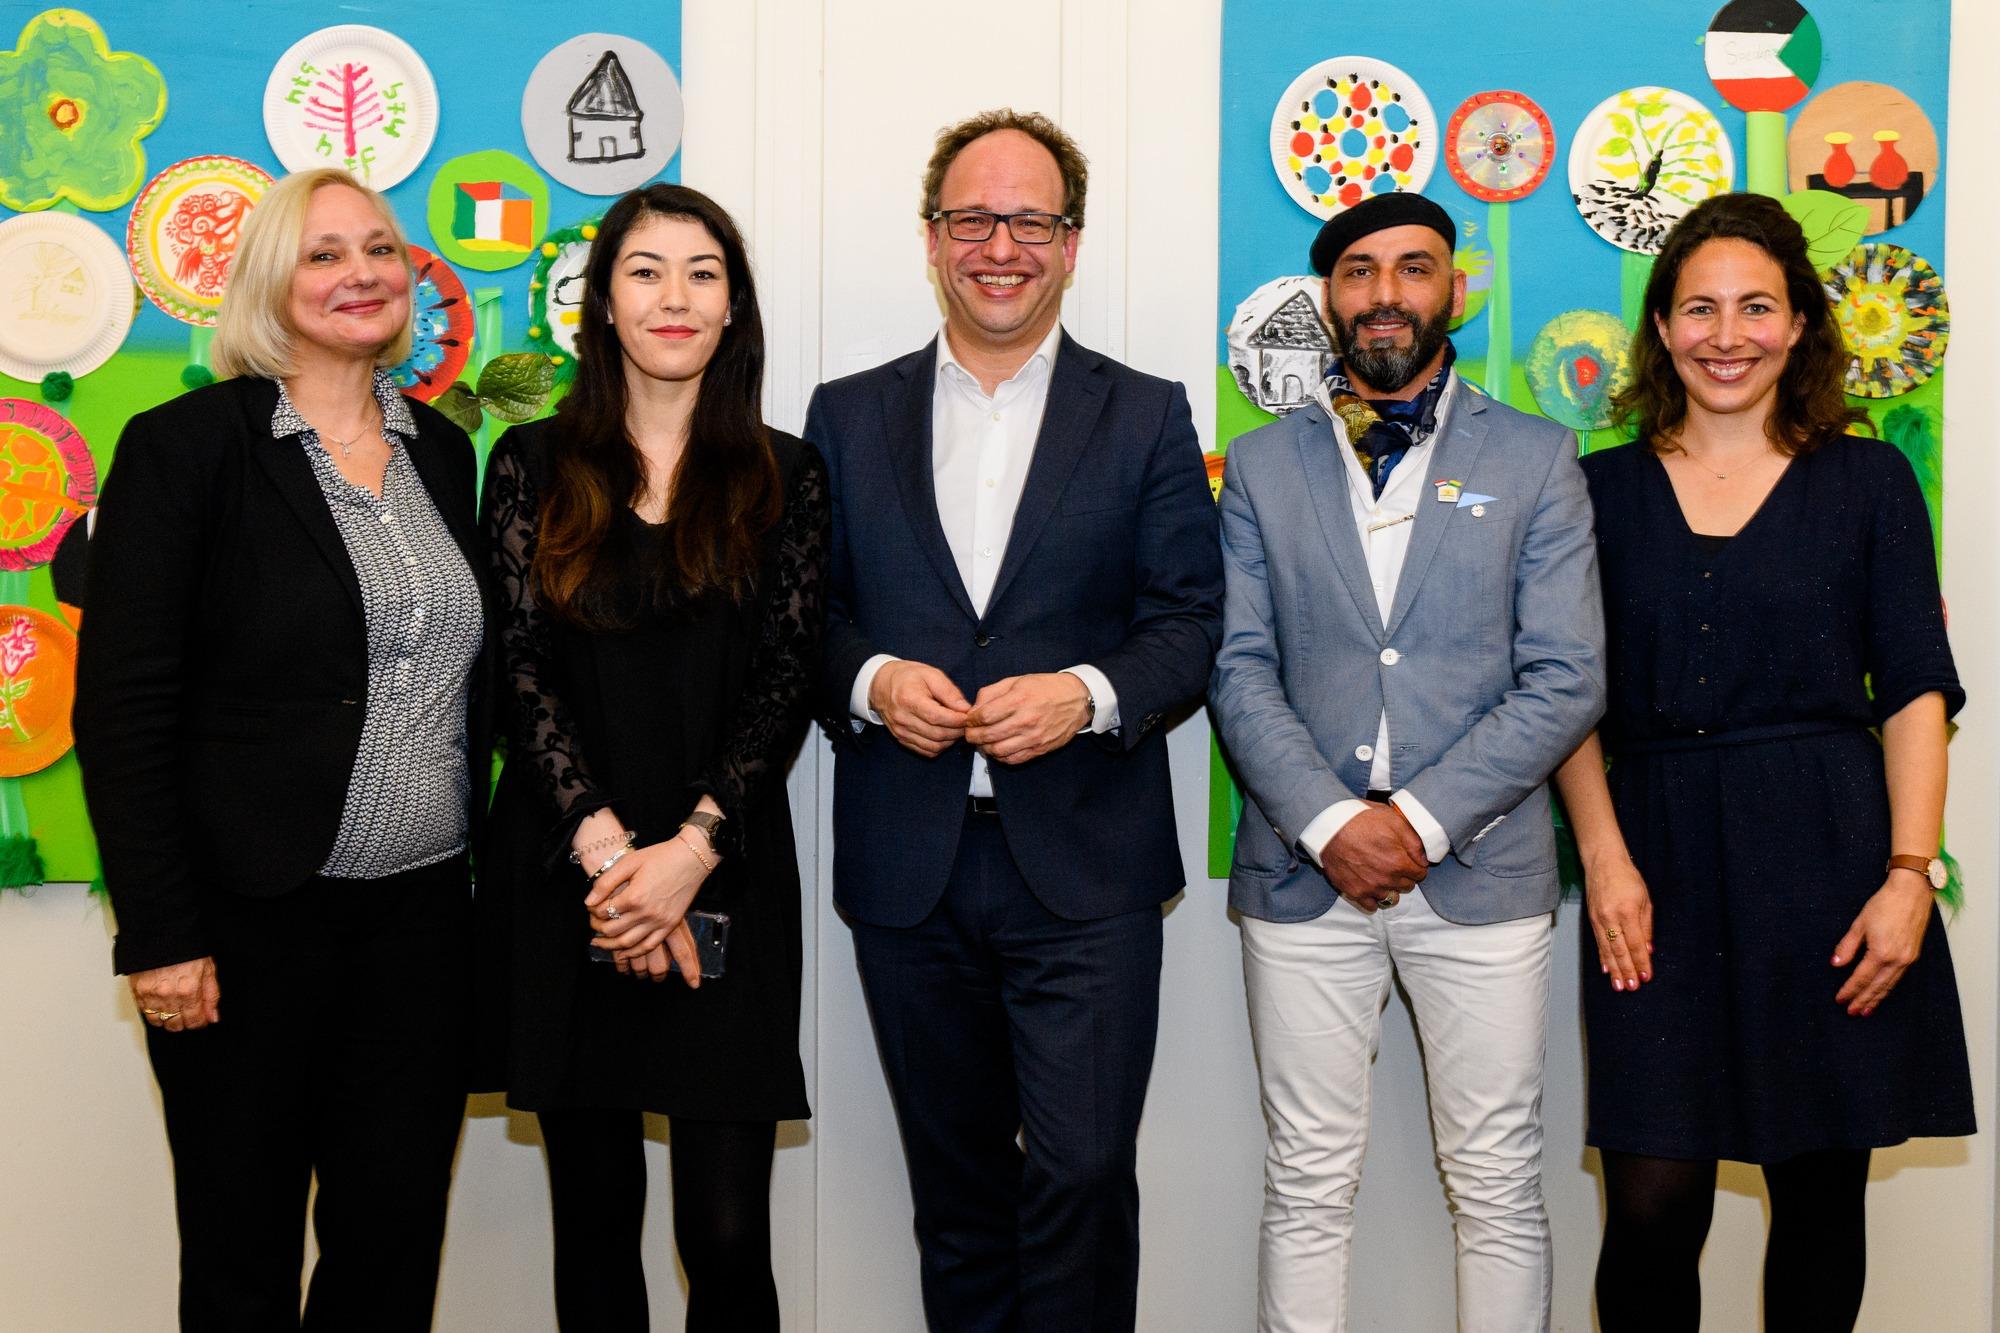 Ingrid Suasso, Raihanna Rahmatulah, Wouter Koolmees, Allaa Dulaimi, Sylvia de Groot Heupner